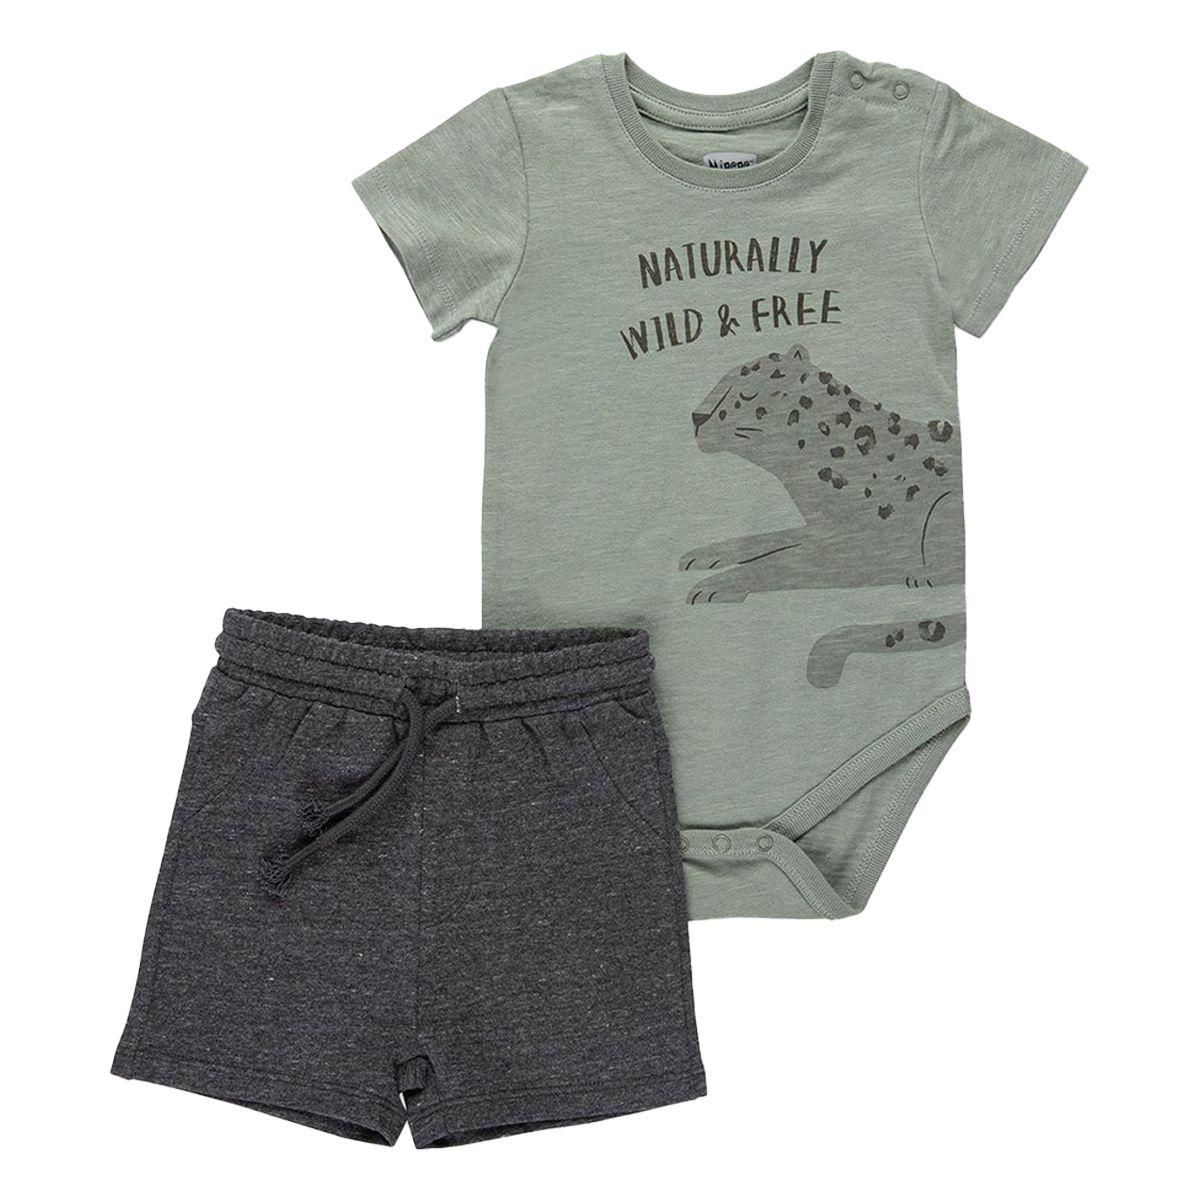 סט בגד גוף ומכנסייםMINENE לתינוקות